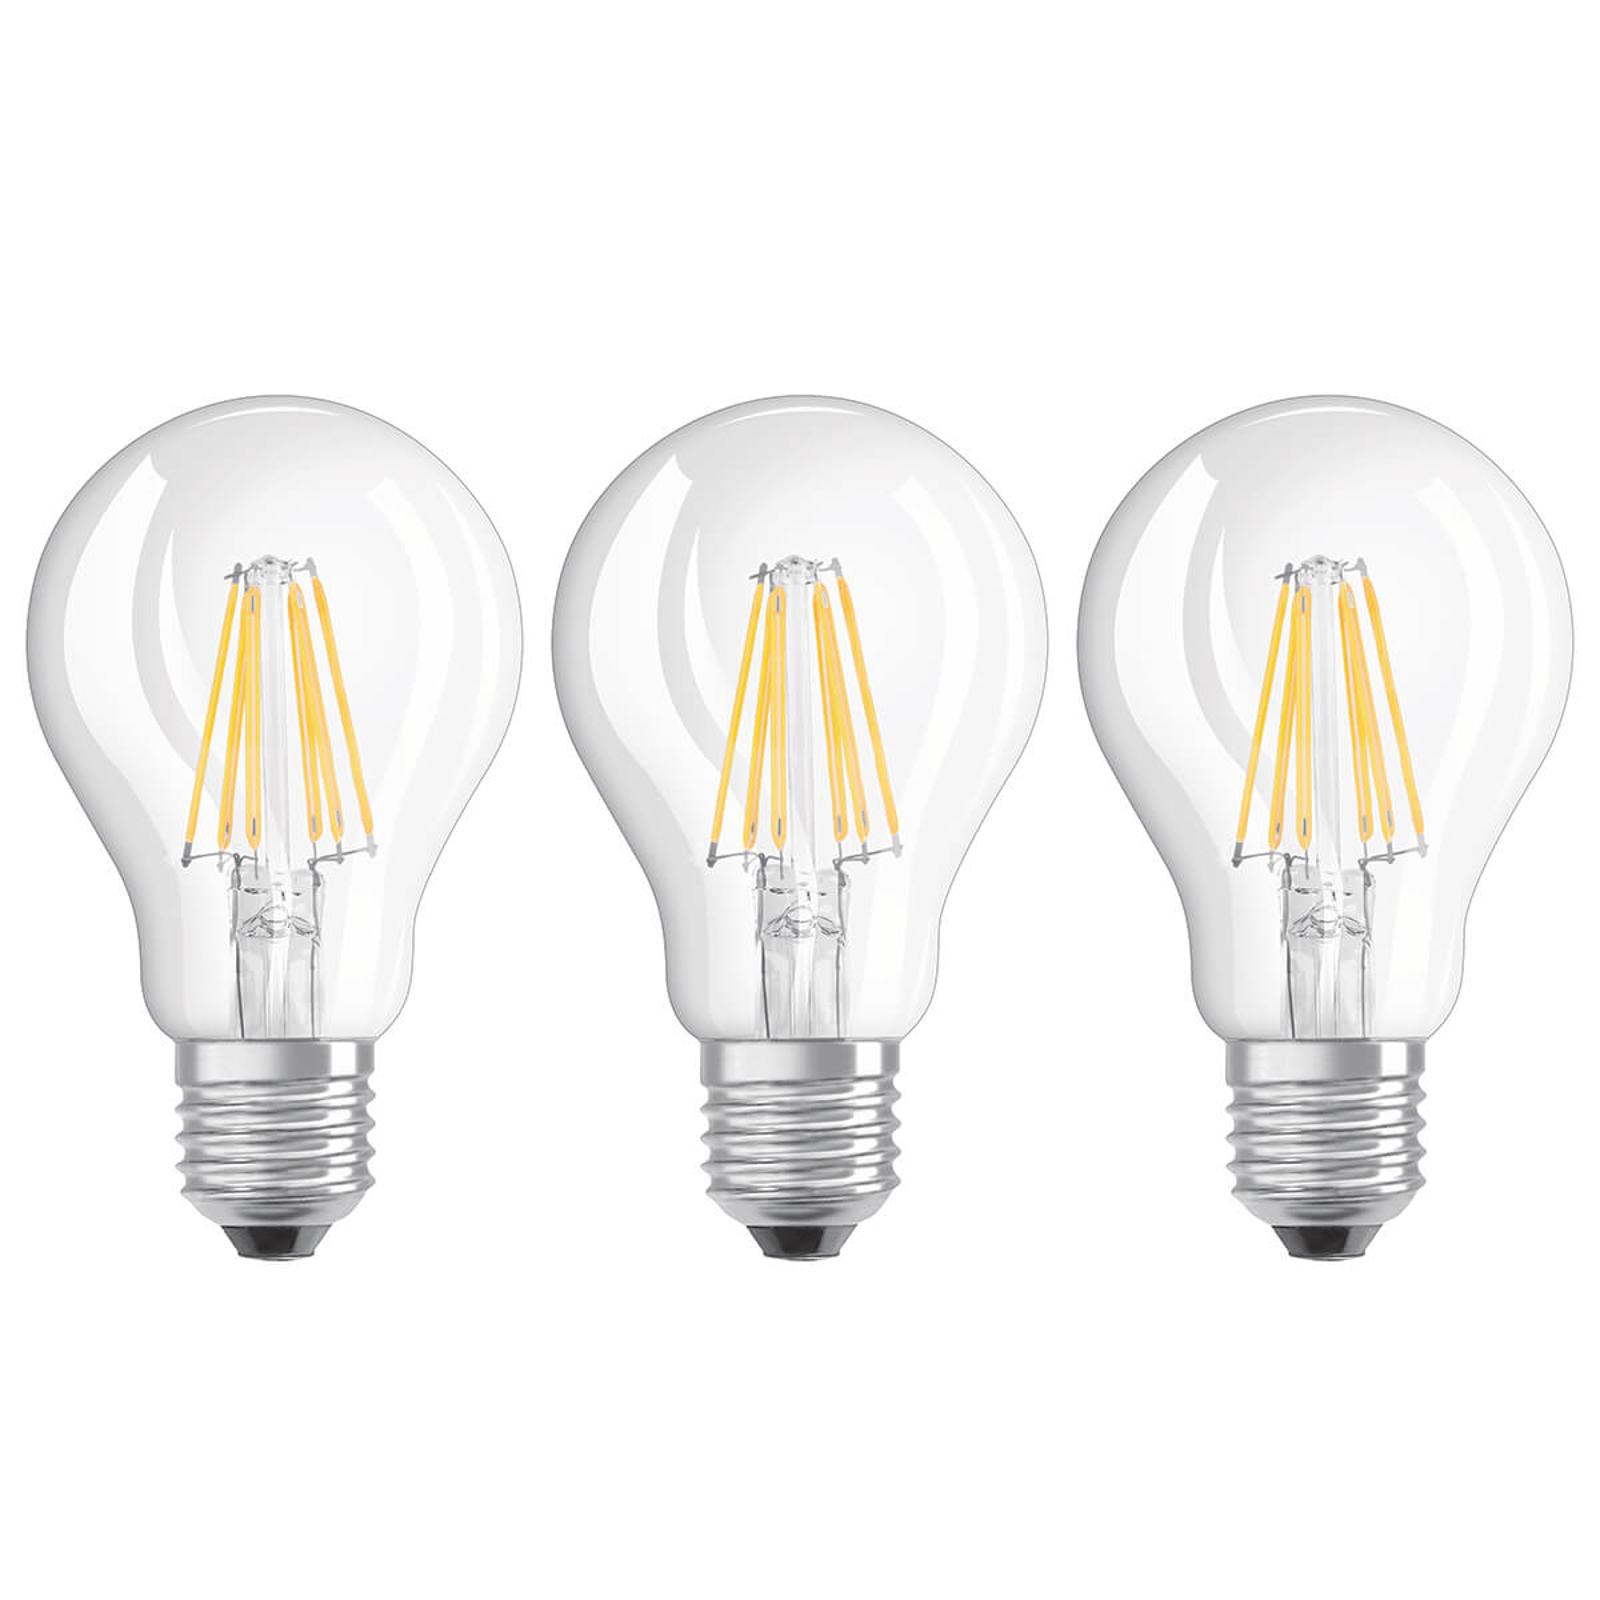 Ampoule filament LED E27 7 W blanc chaud, kit de 3